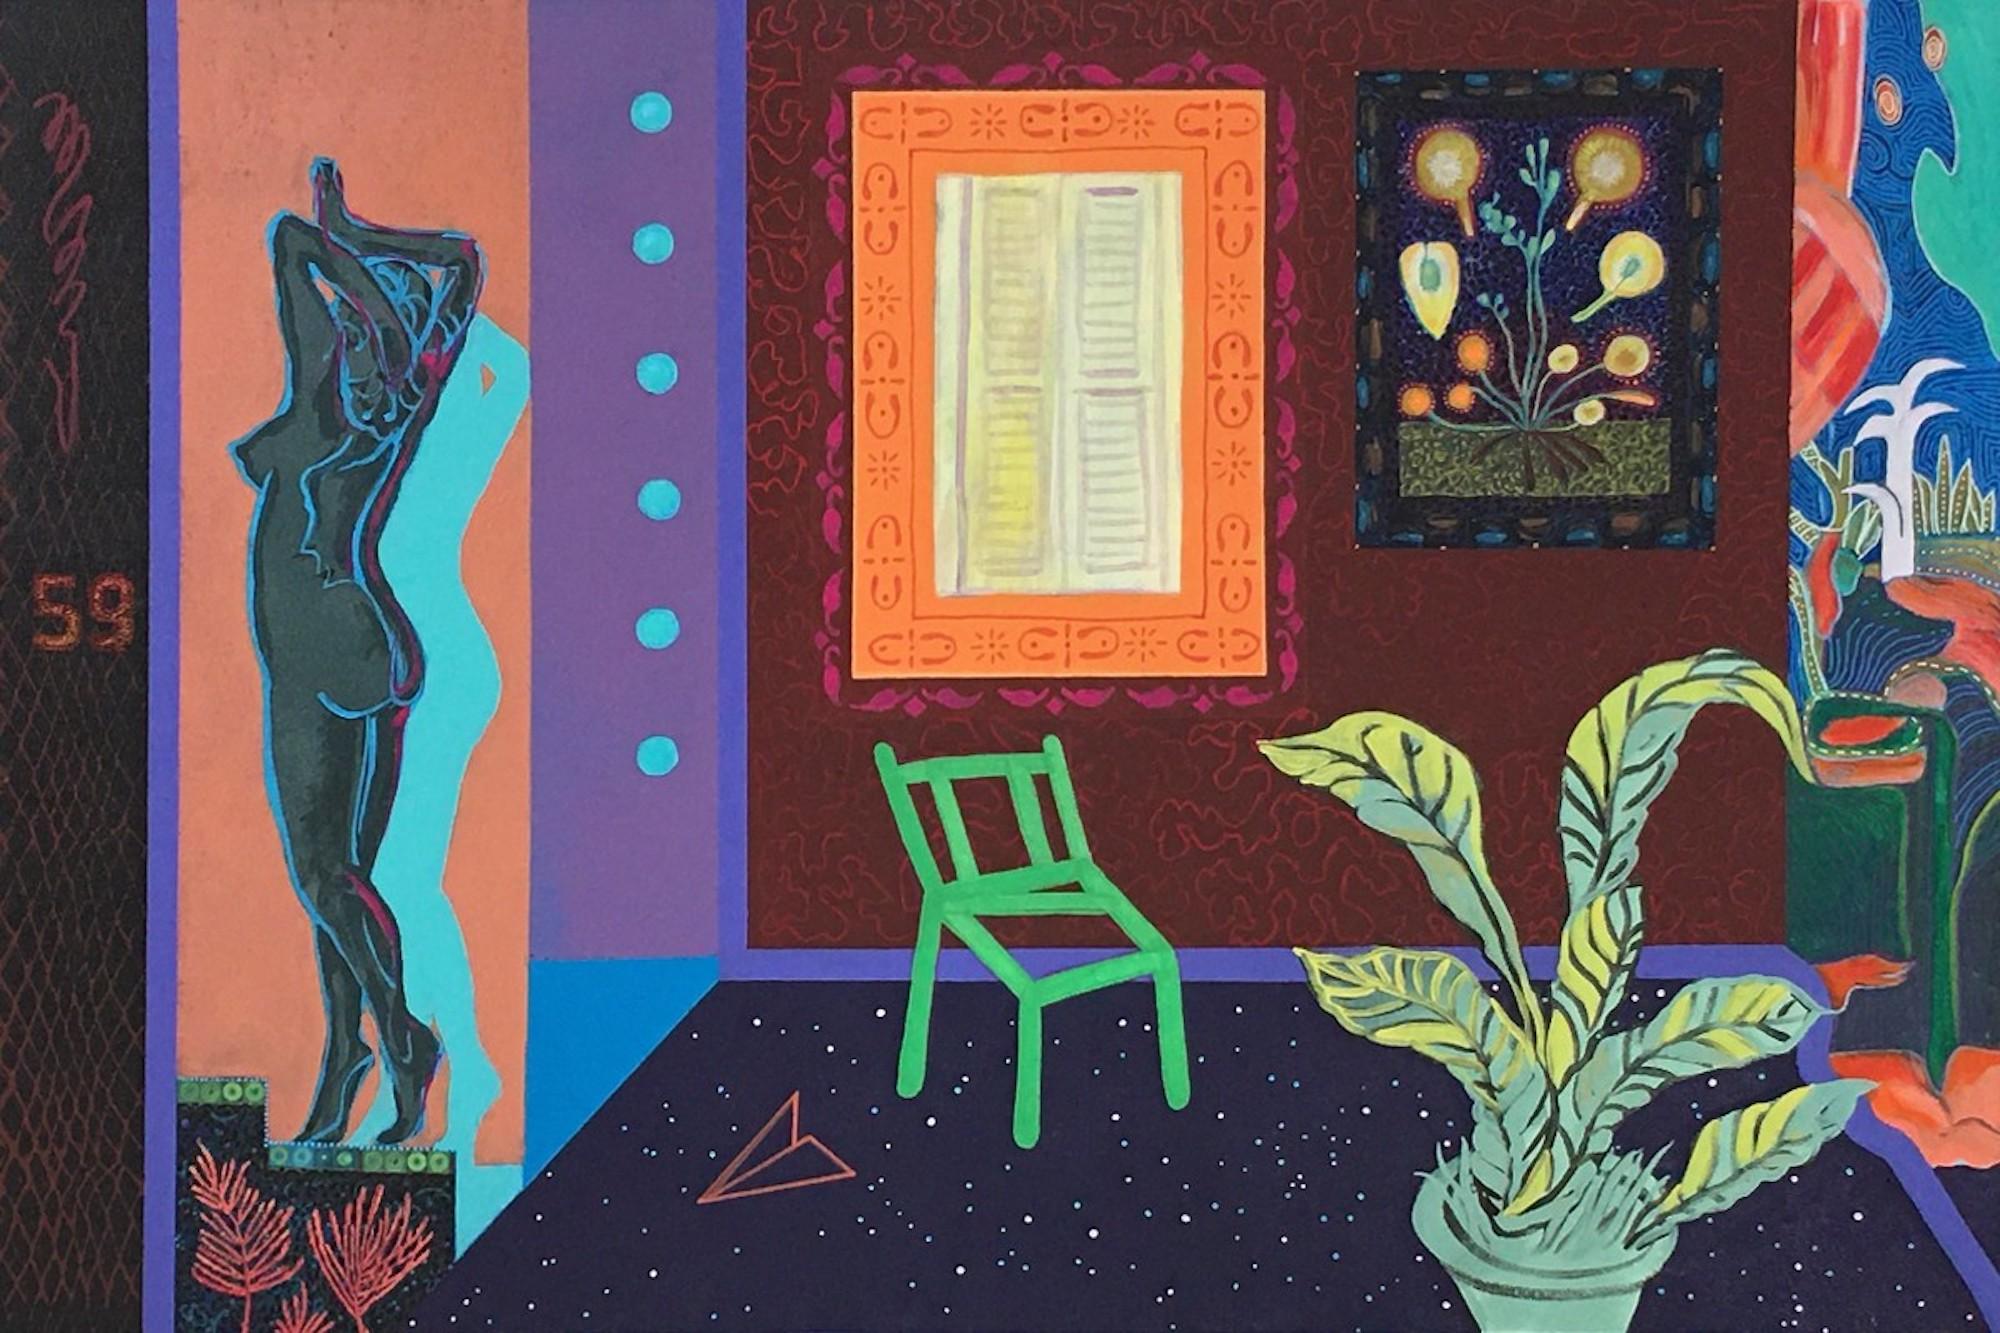 ТВОРЧЕСКОЕ ДОСЬЕ: украинская художница из Нидерландов - Татьяна Ан